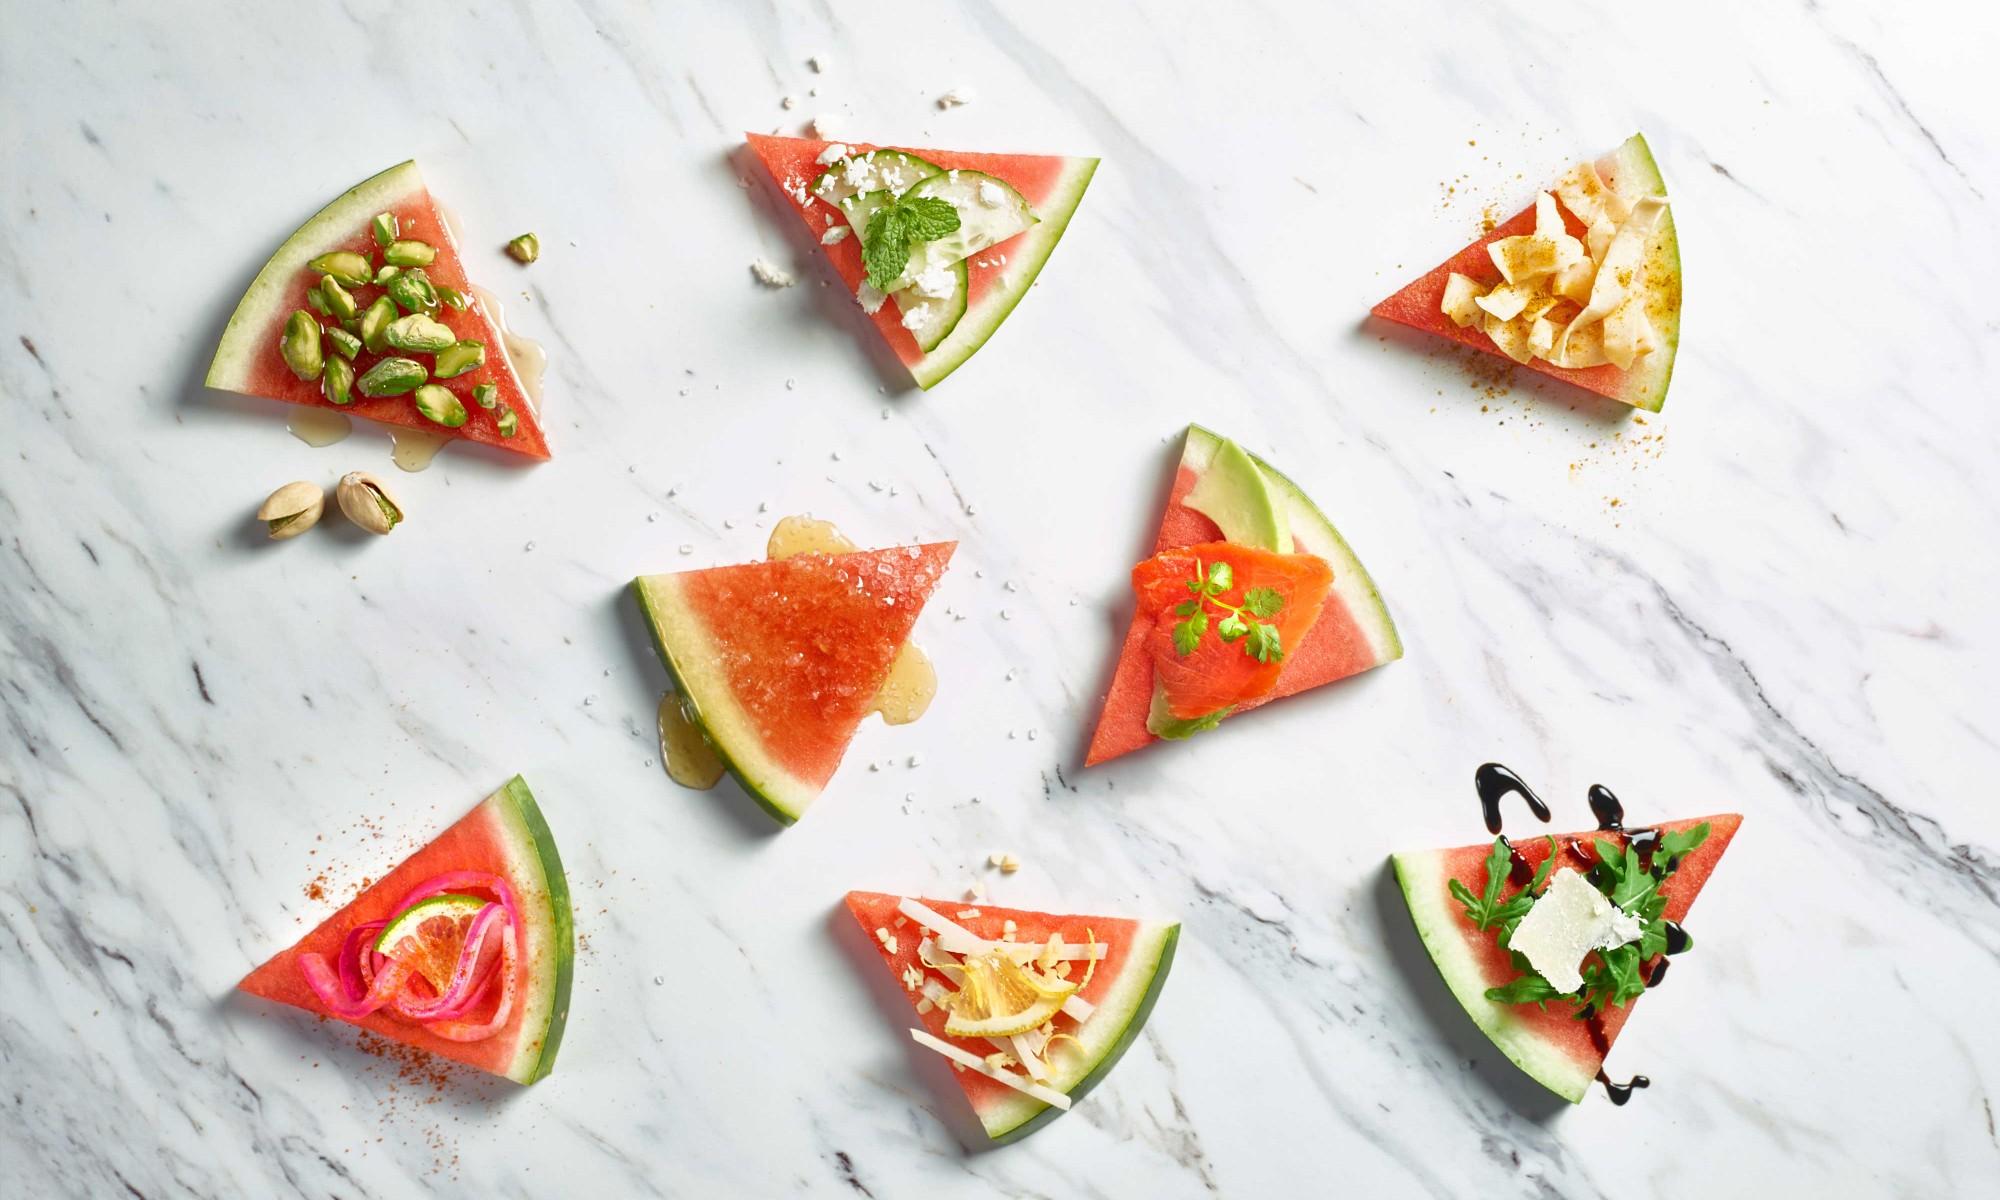 Various watermelon flavor pairings on